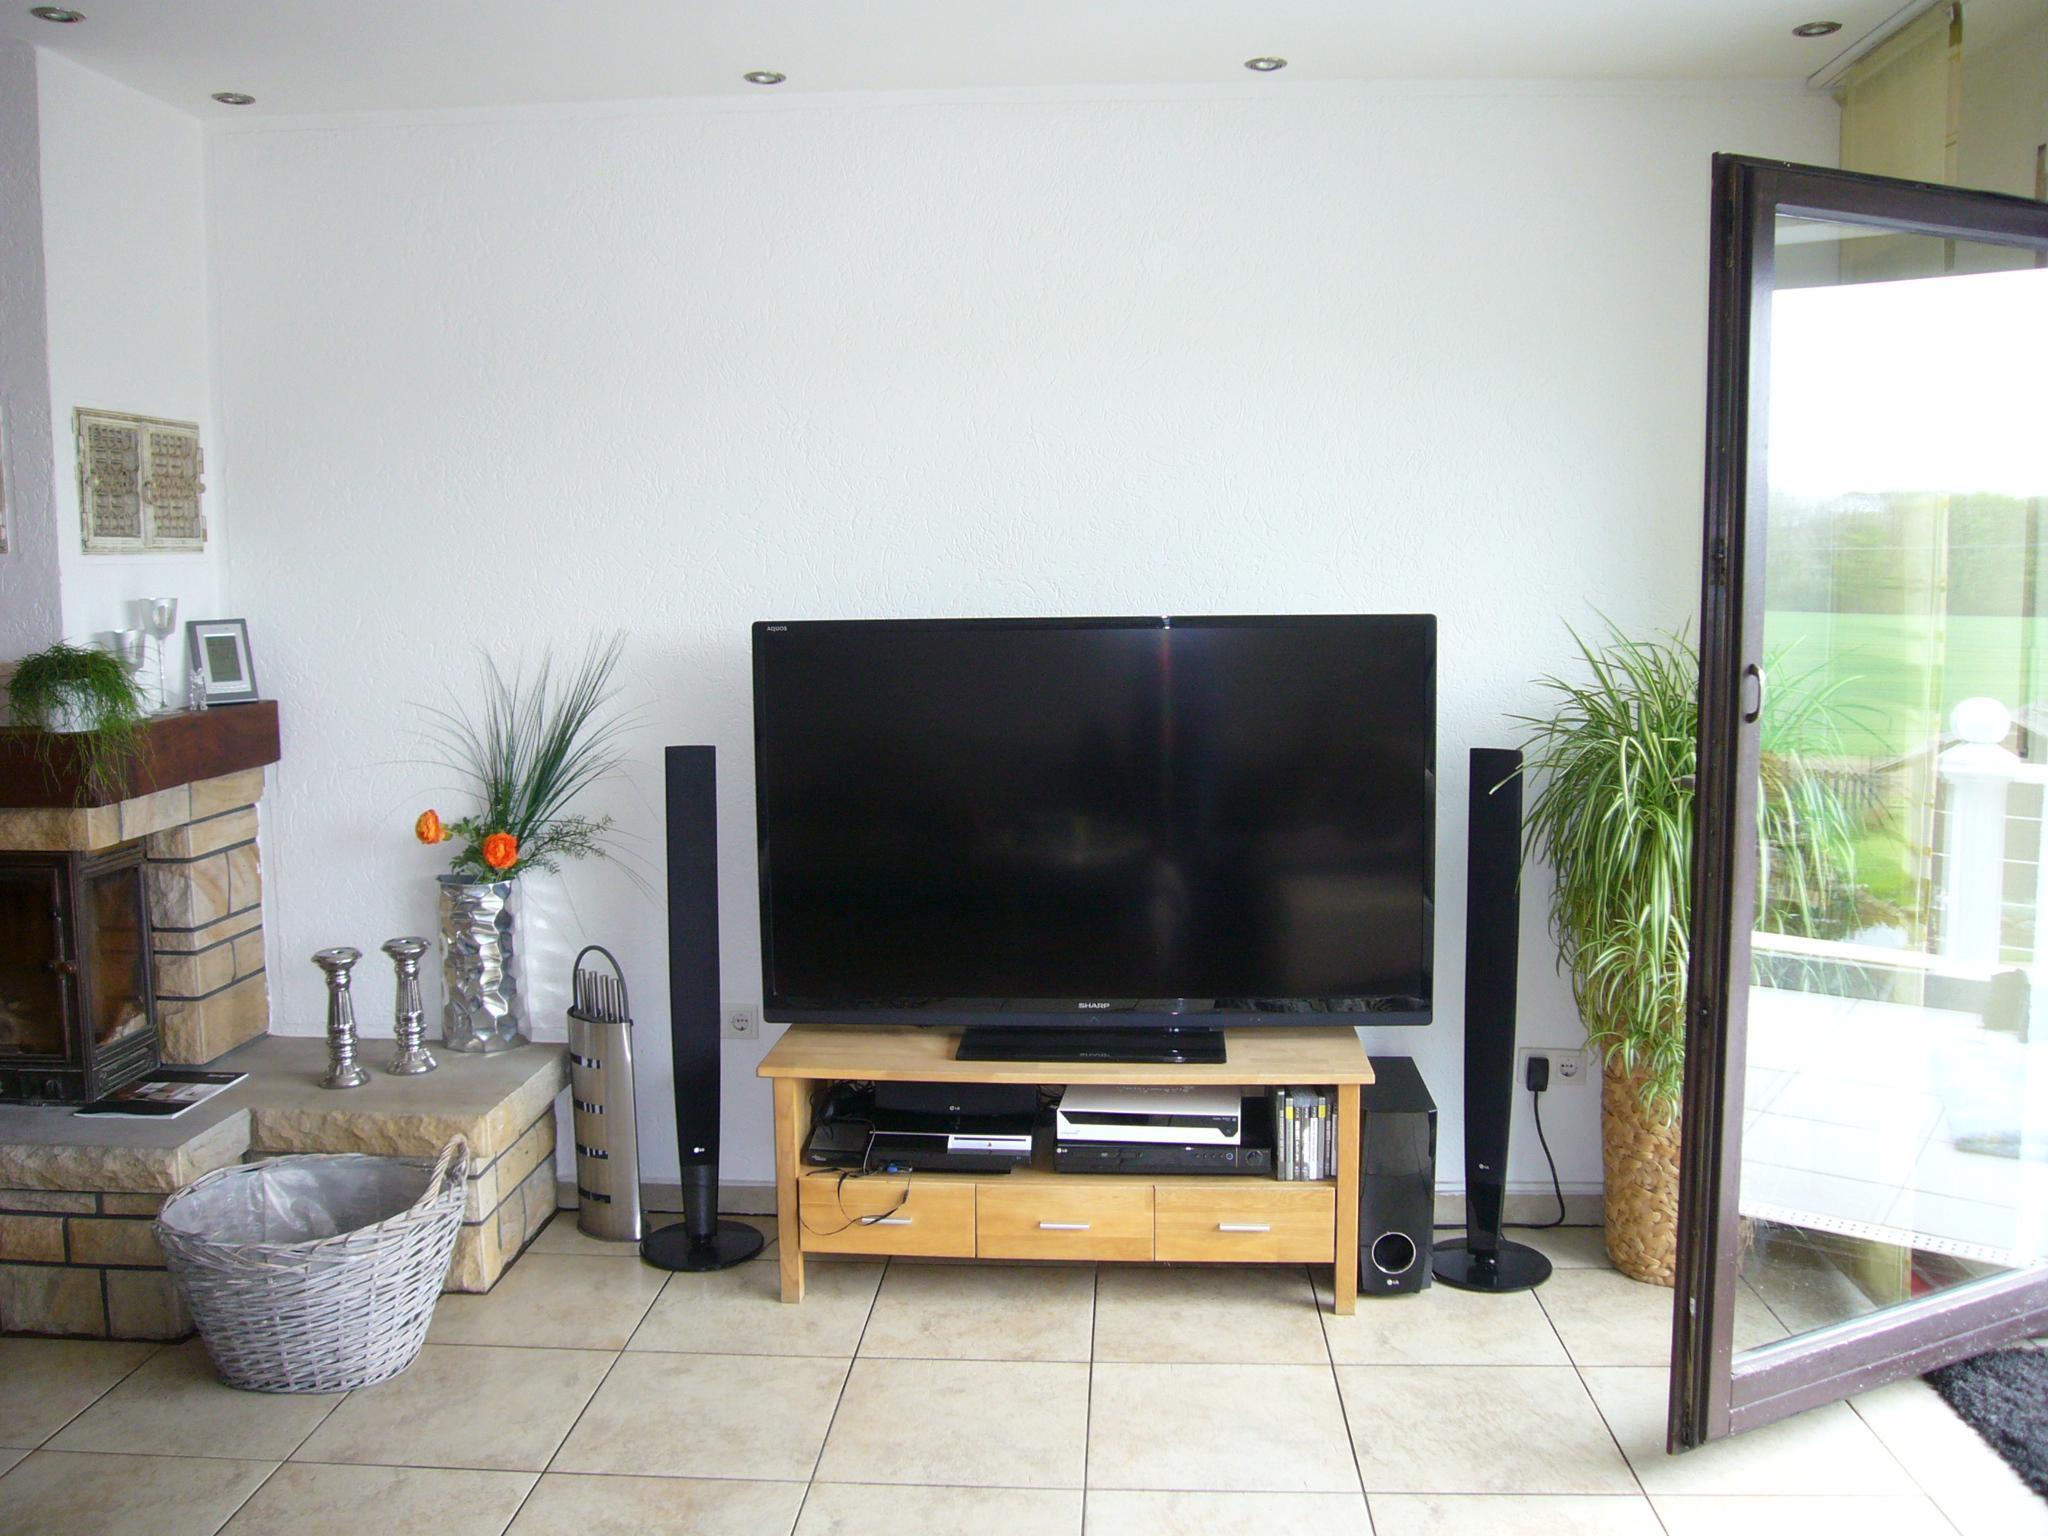 Raumgestaltung Kamin Und Tv Ecke Wohnzimmer Raumg